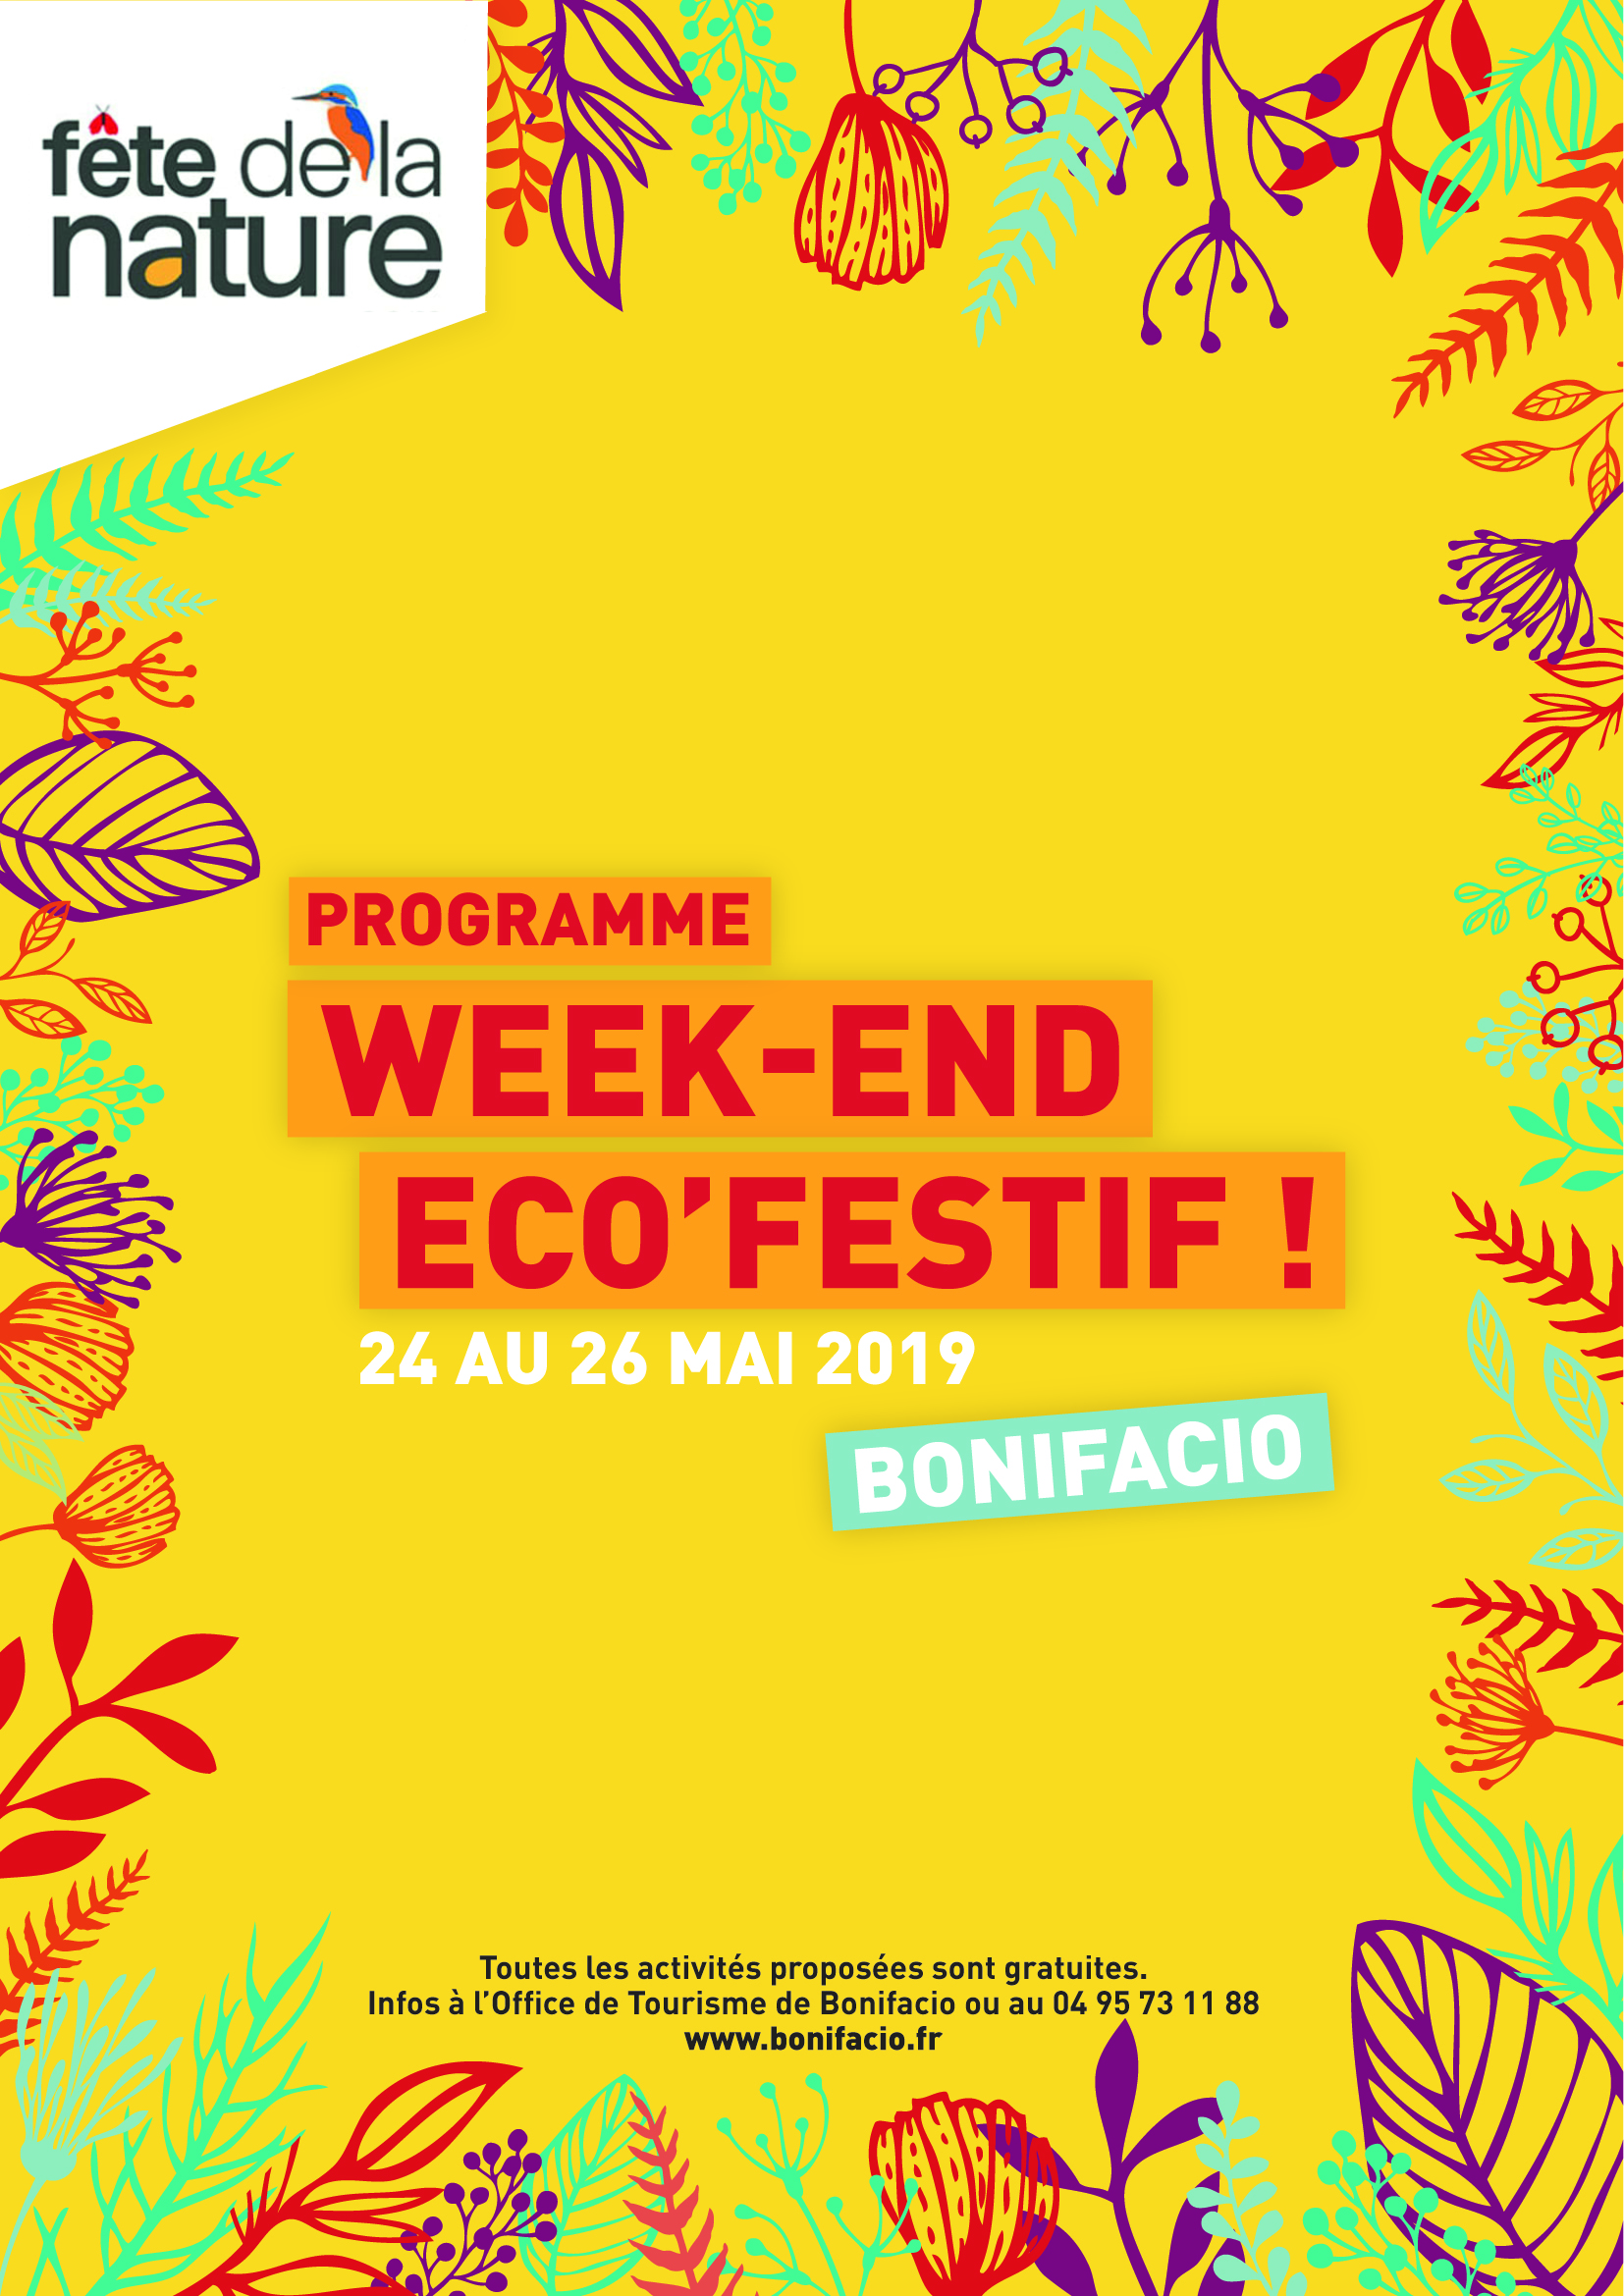 Fête du jeu à Bonifacio : un week-end éco festif